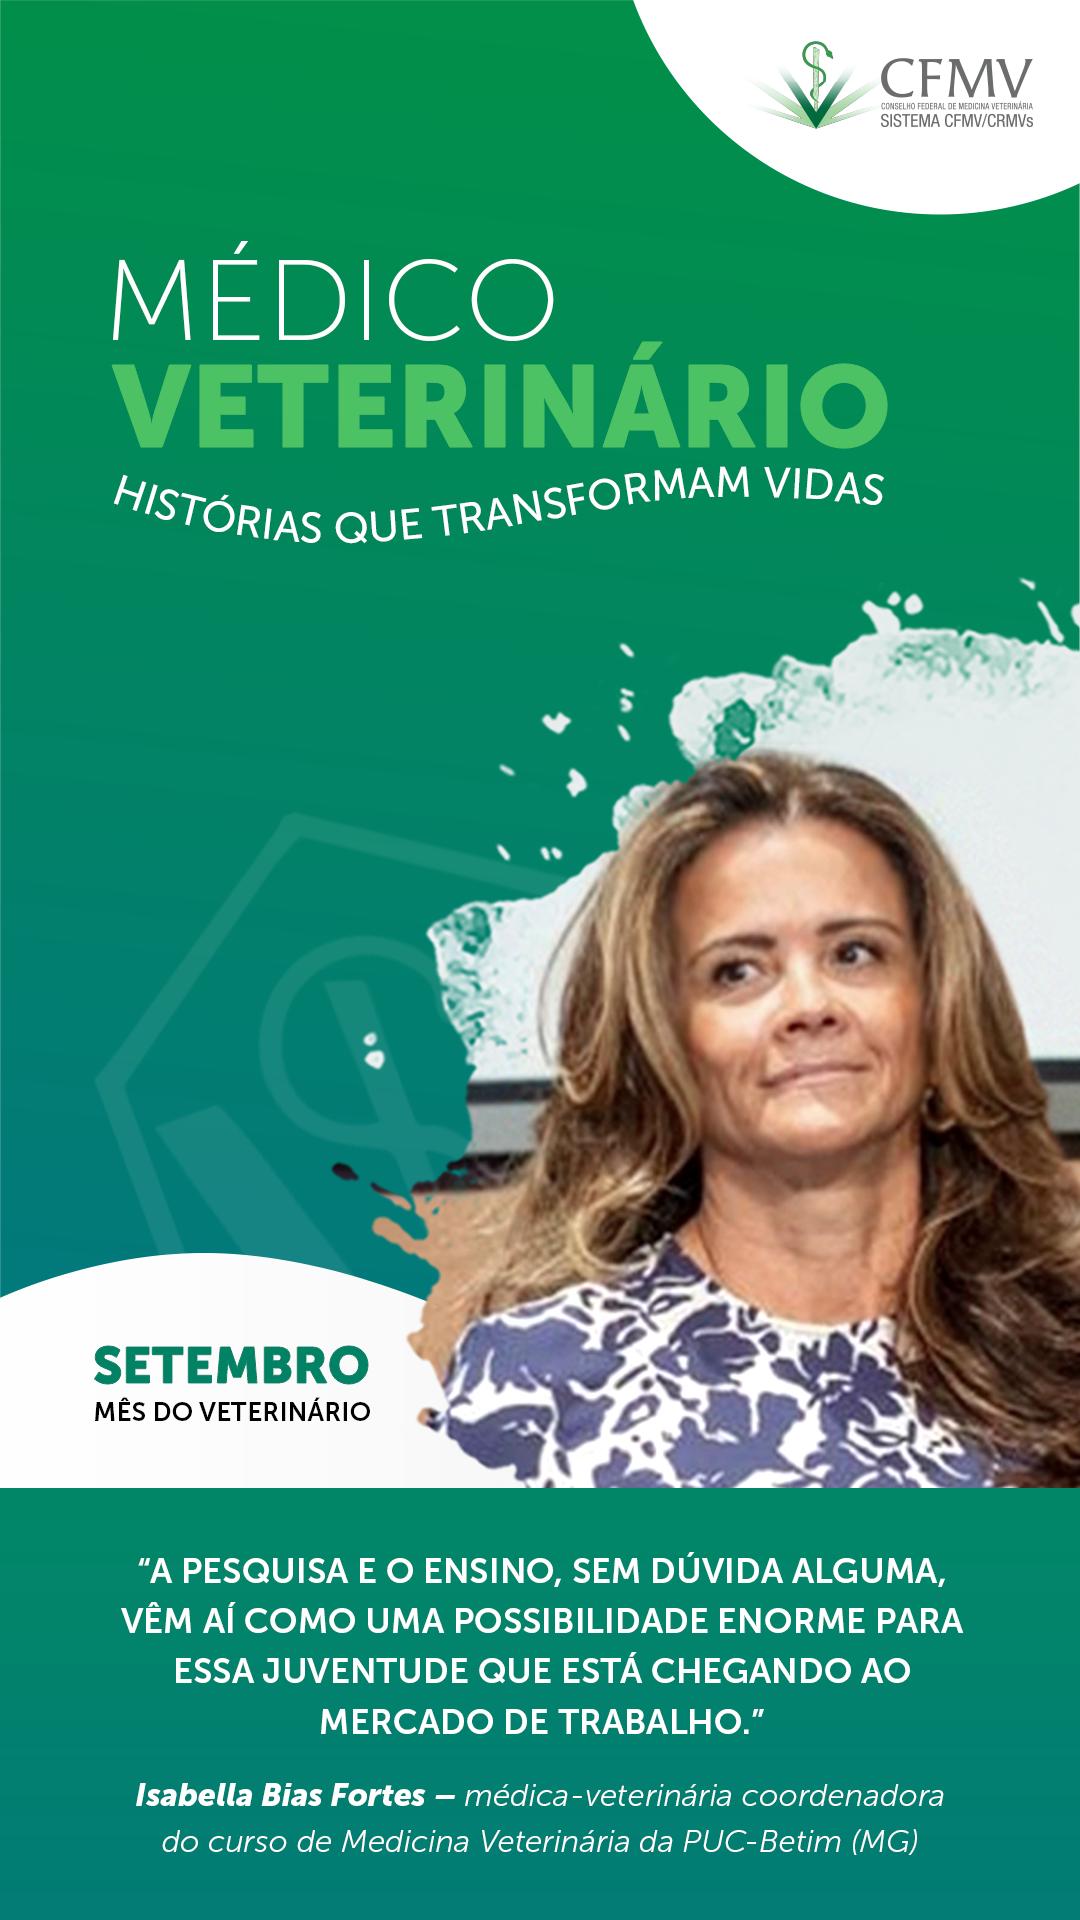 Case 07 - Isabella Bias Fortes